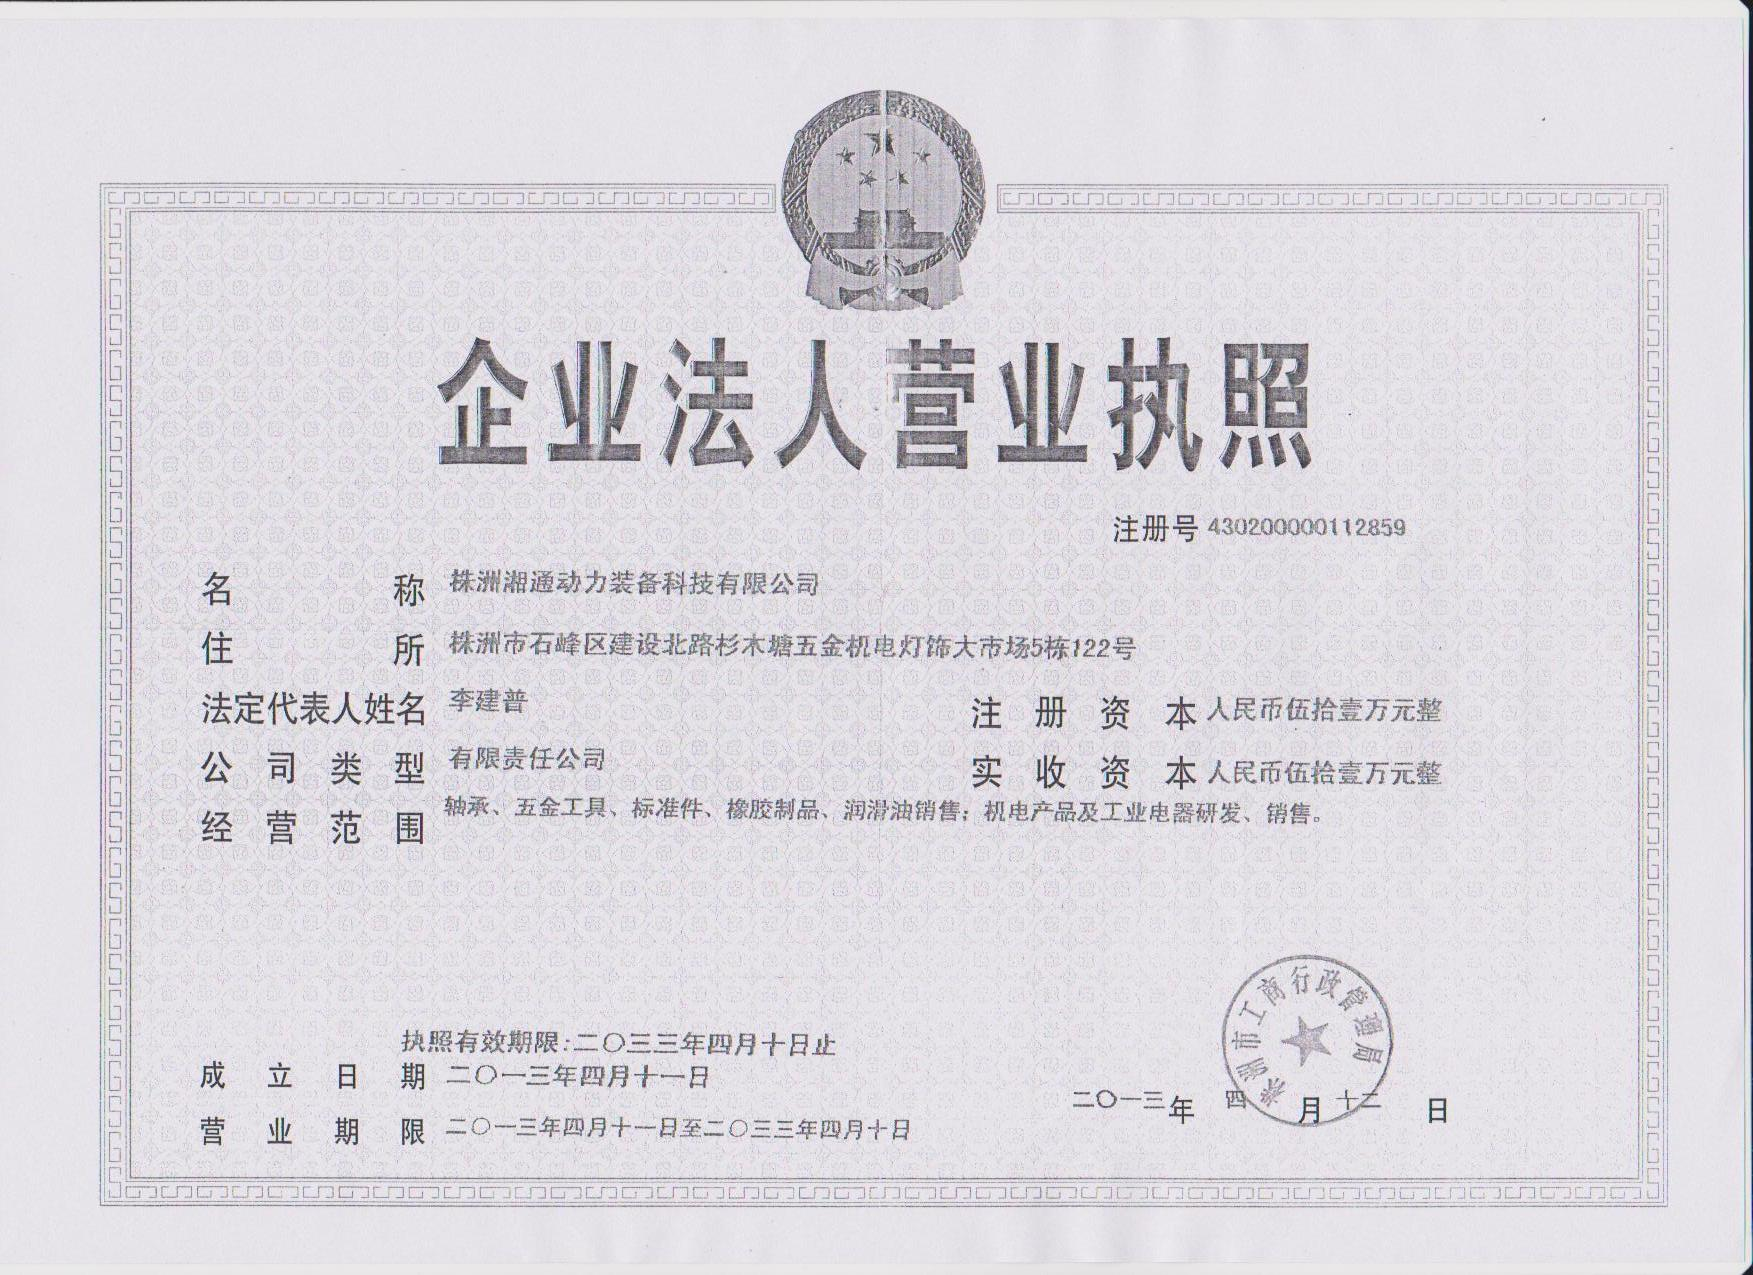 株洲湘通动力装备科技有限公司